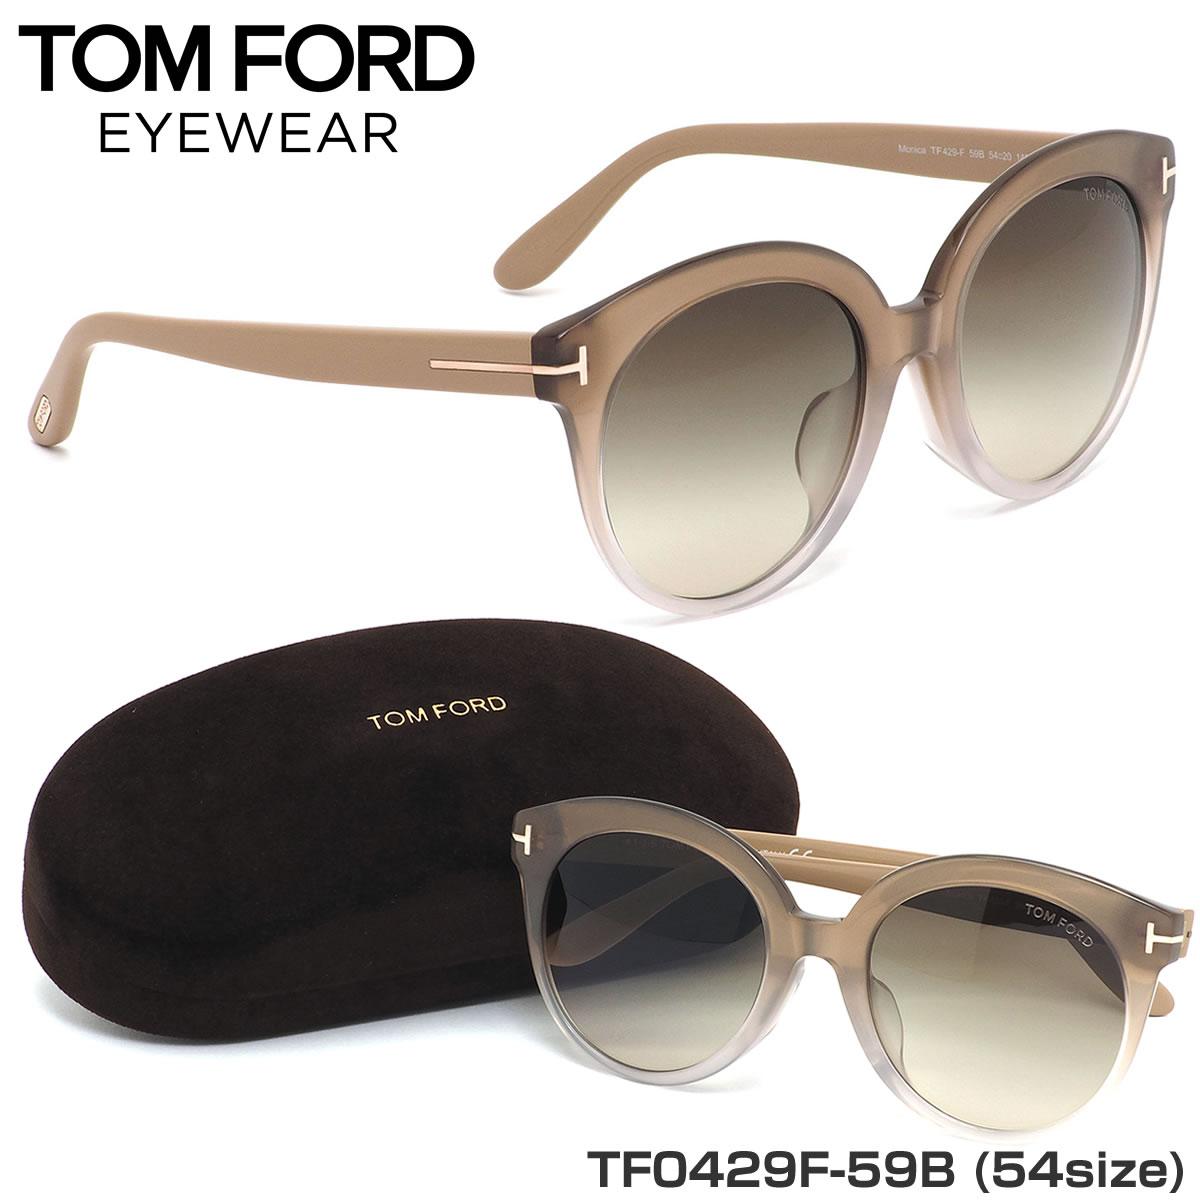 【10月30日からエントリーで全品ポイント20倍】TOM FORD トムフォード サングラスTF0429F 59B 54サイズTOMFORD MONICA アジアンフィットトムフォードTOMFORD メンズ レディース